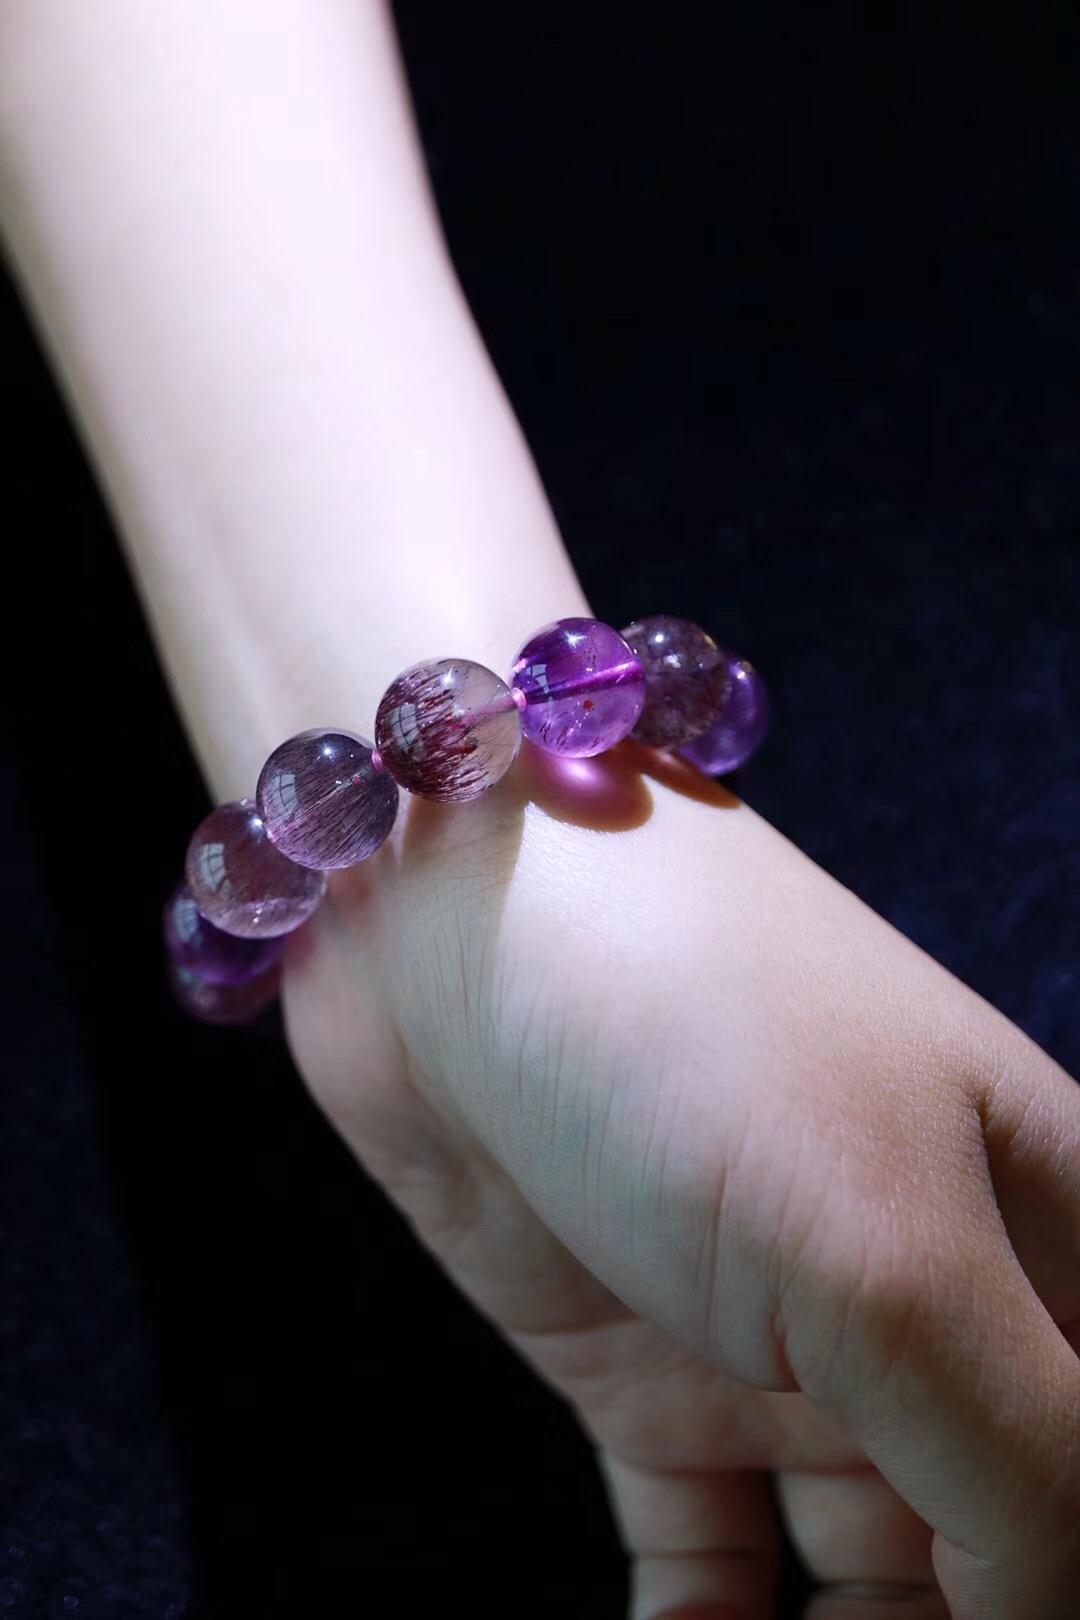 【菩心 | 紫发晶】极具灵力的晶石,妥妥滴紫气东来-菩心晶舍